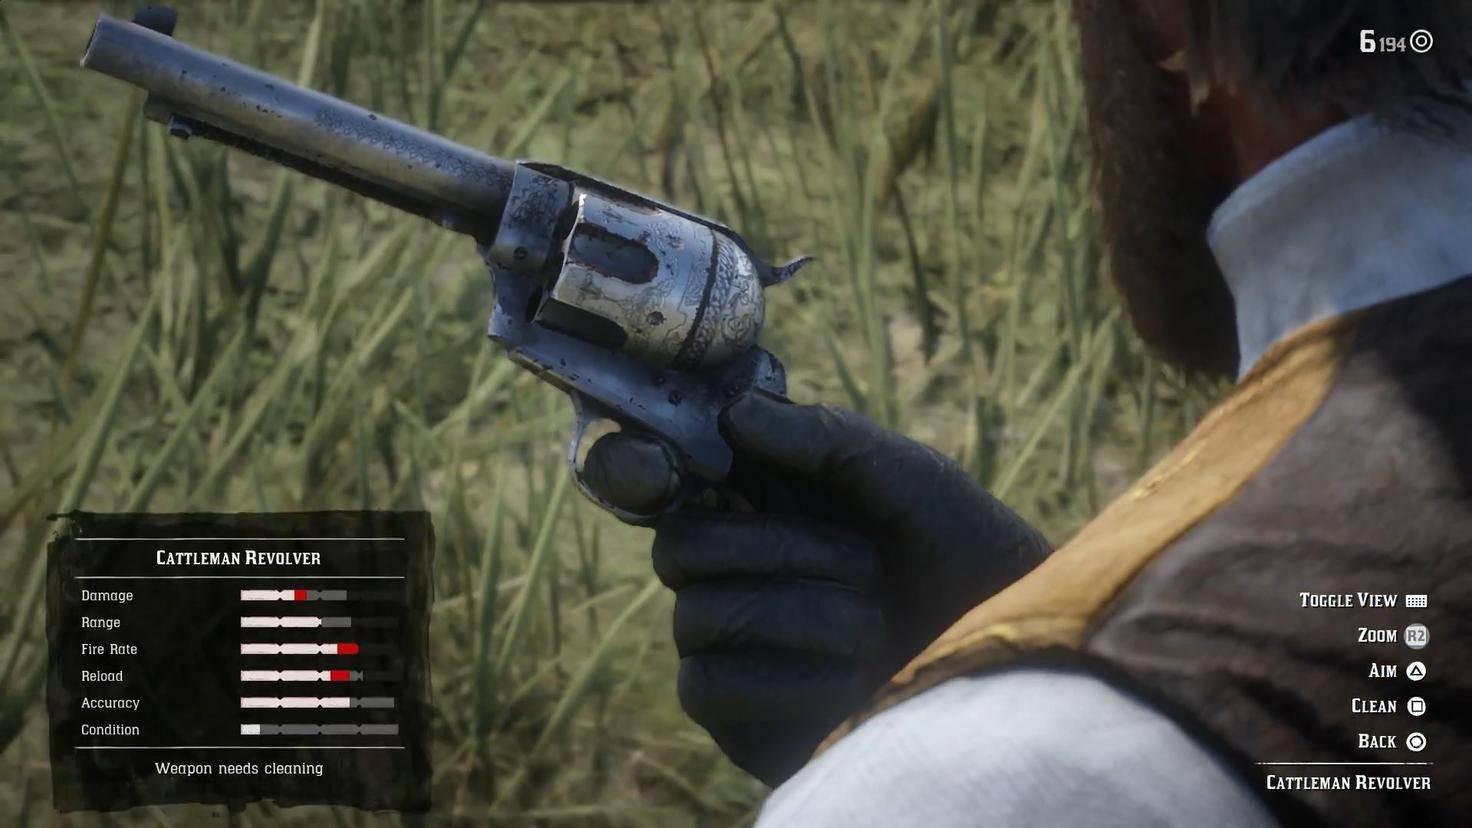 Dieser verdreckte Revolver benötigt unbedingt eine Reinigung.